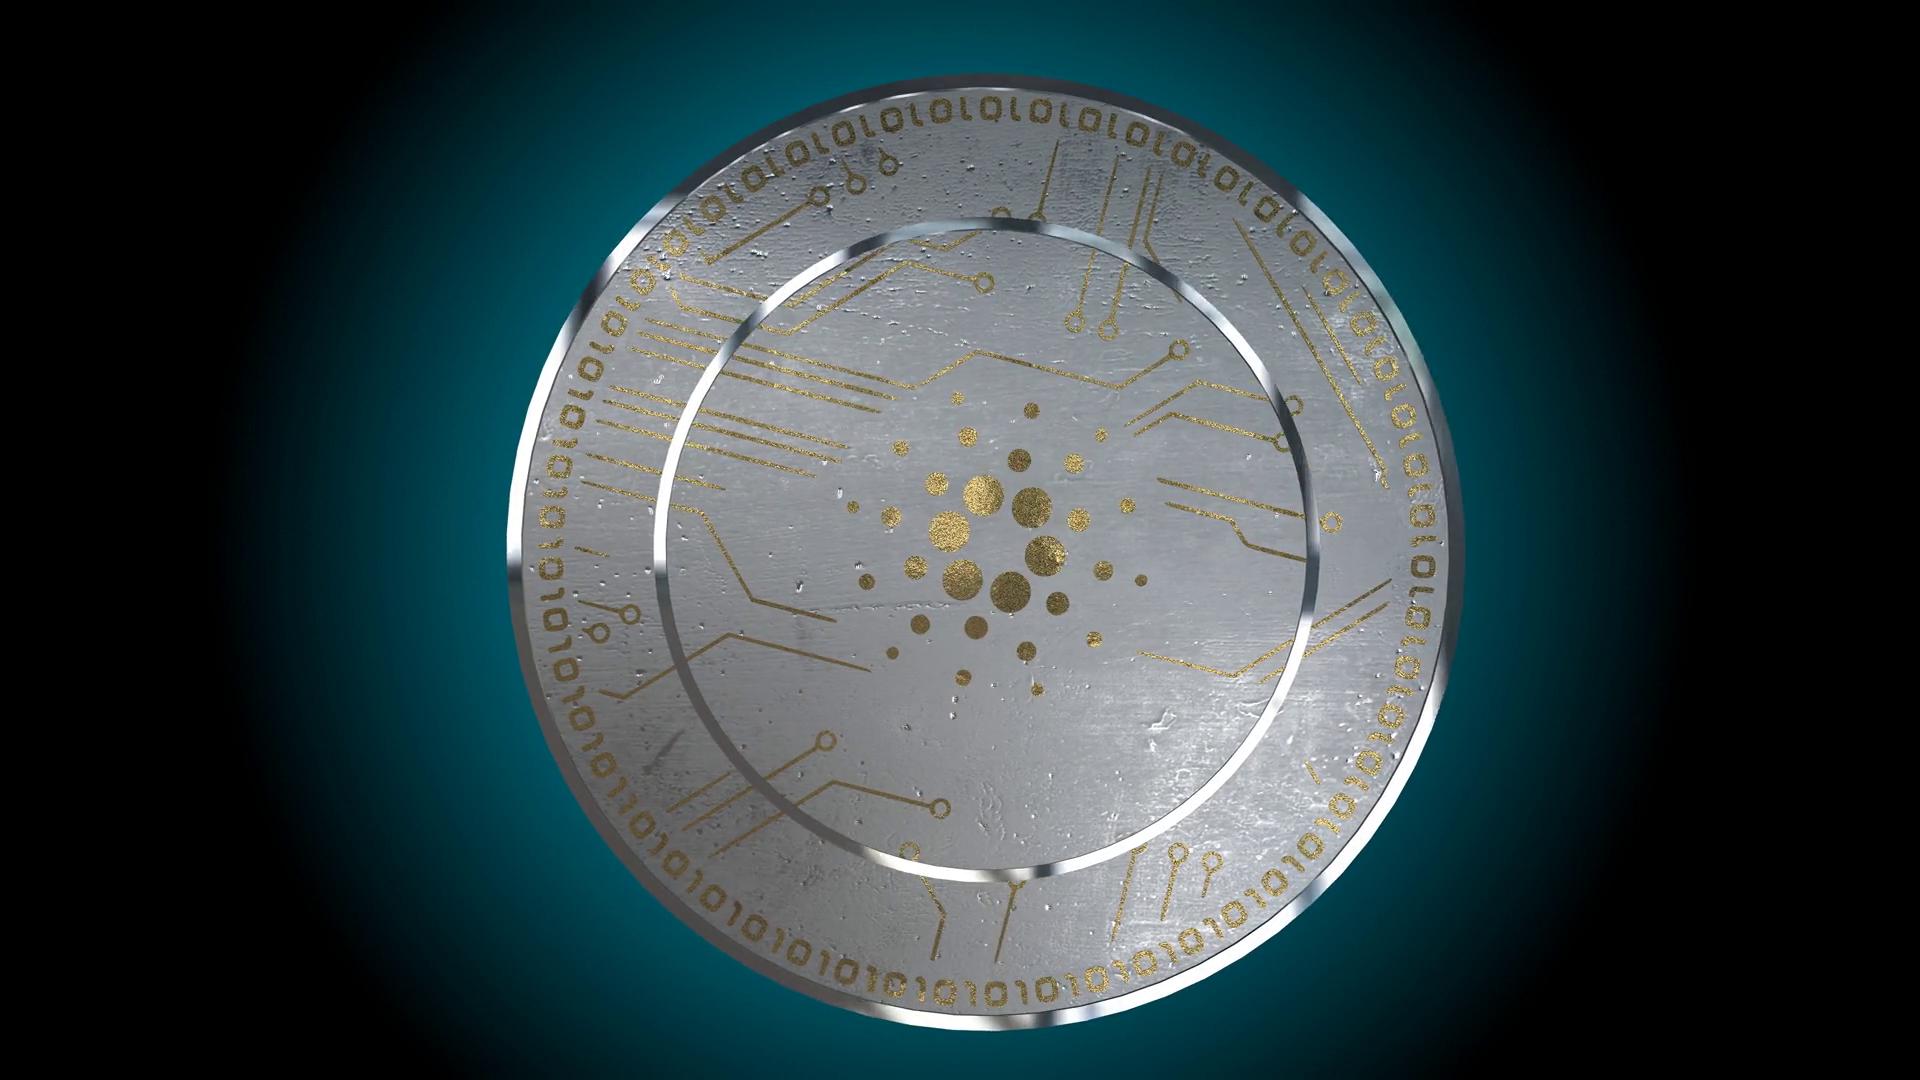 Cardano là gì? Tìm hiểu về đồng tiền ảo Cardano coin (ADA) là gì? - VIC News